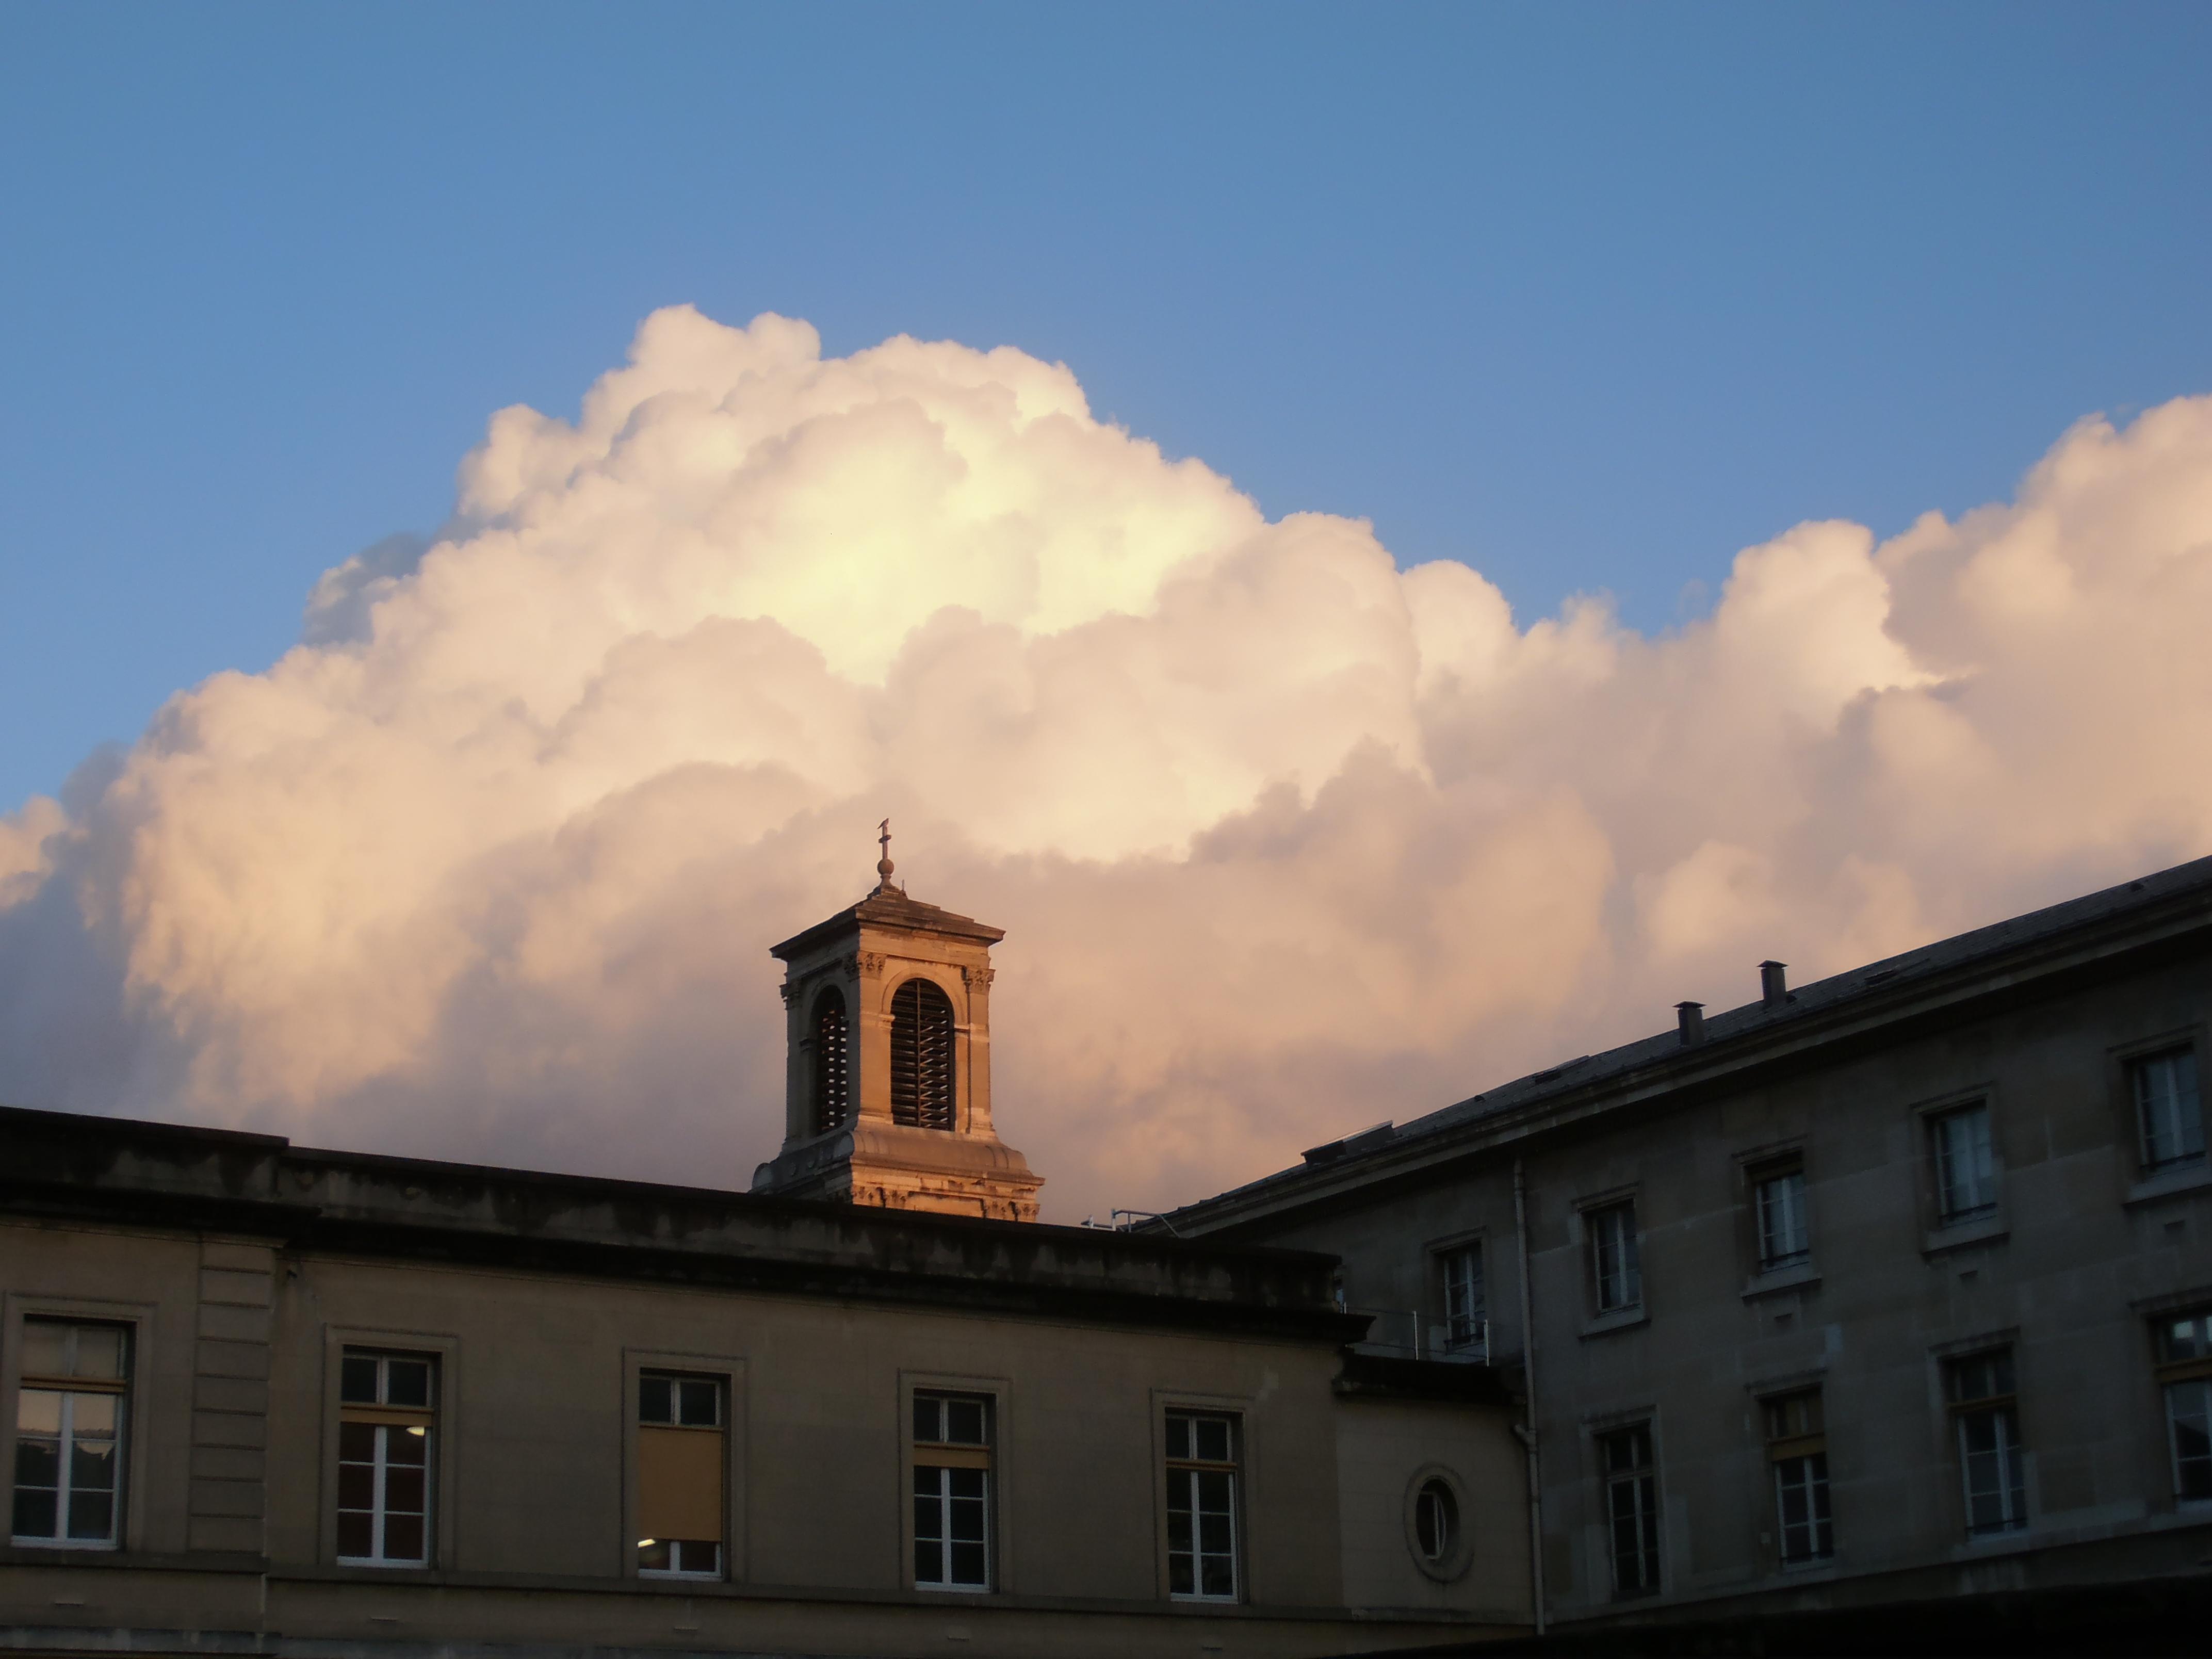 La Chapelle Caf Ef Bf Bd  Rue Des C Ef Bf Bdlestins